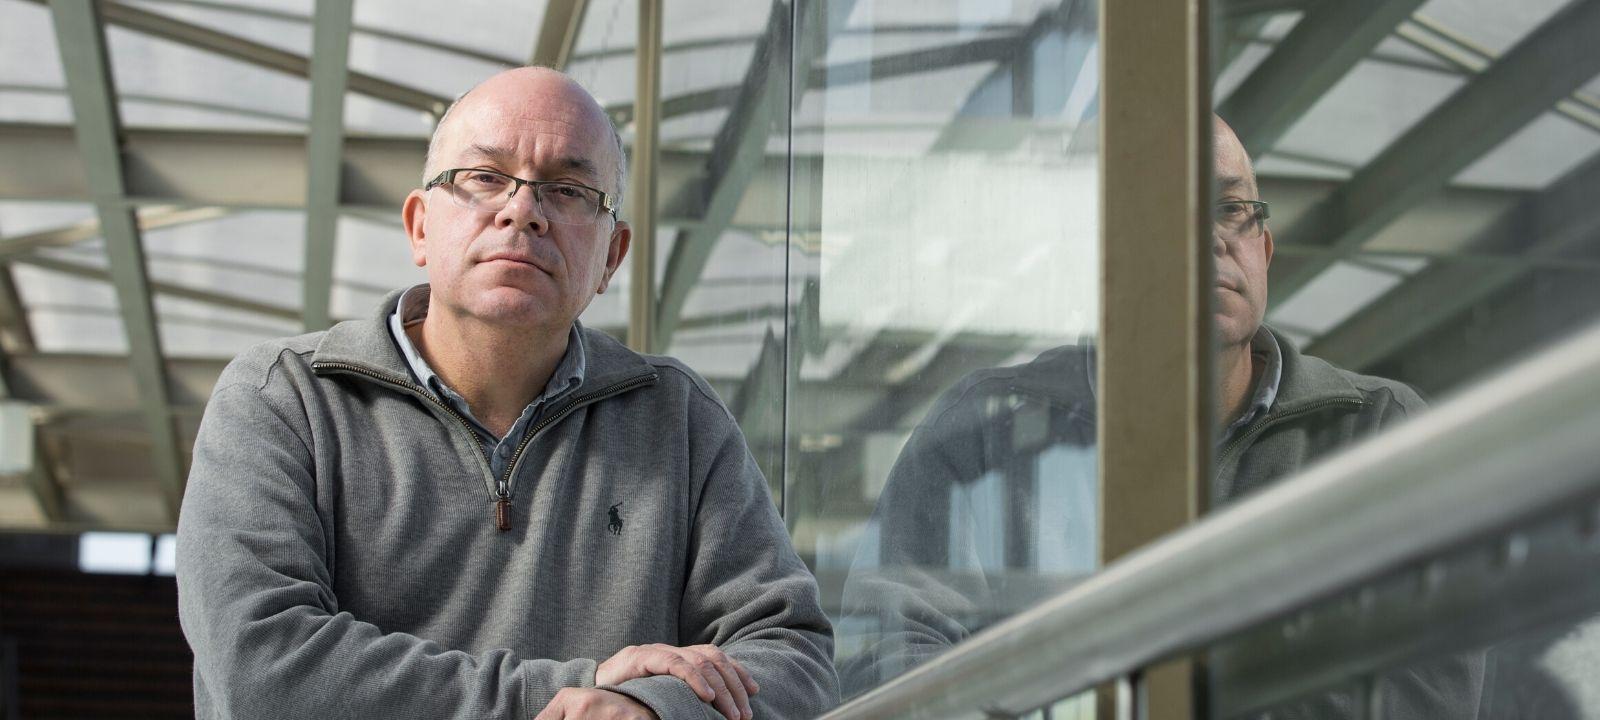 Bernardo Caicedo, profesor titular del Departamento de Ingeniería Civil y Ambiental